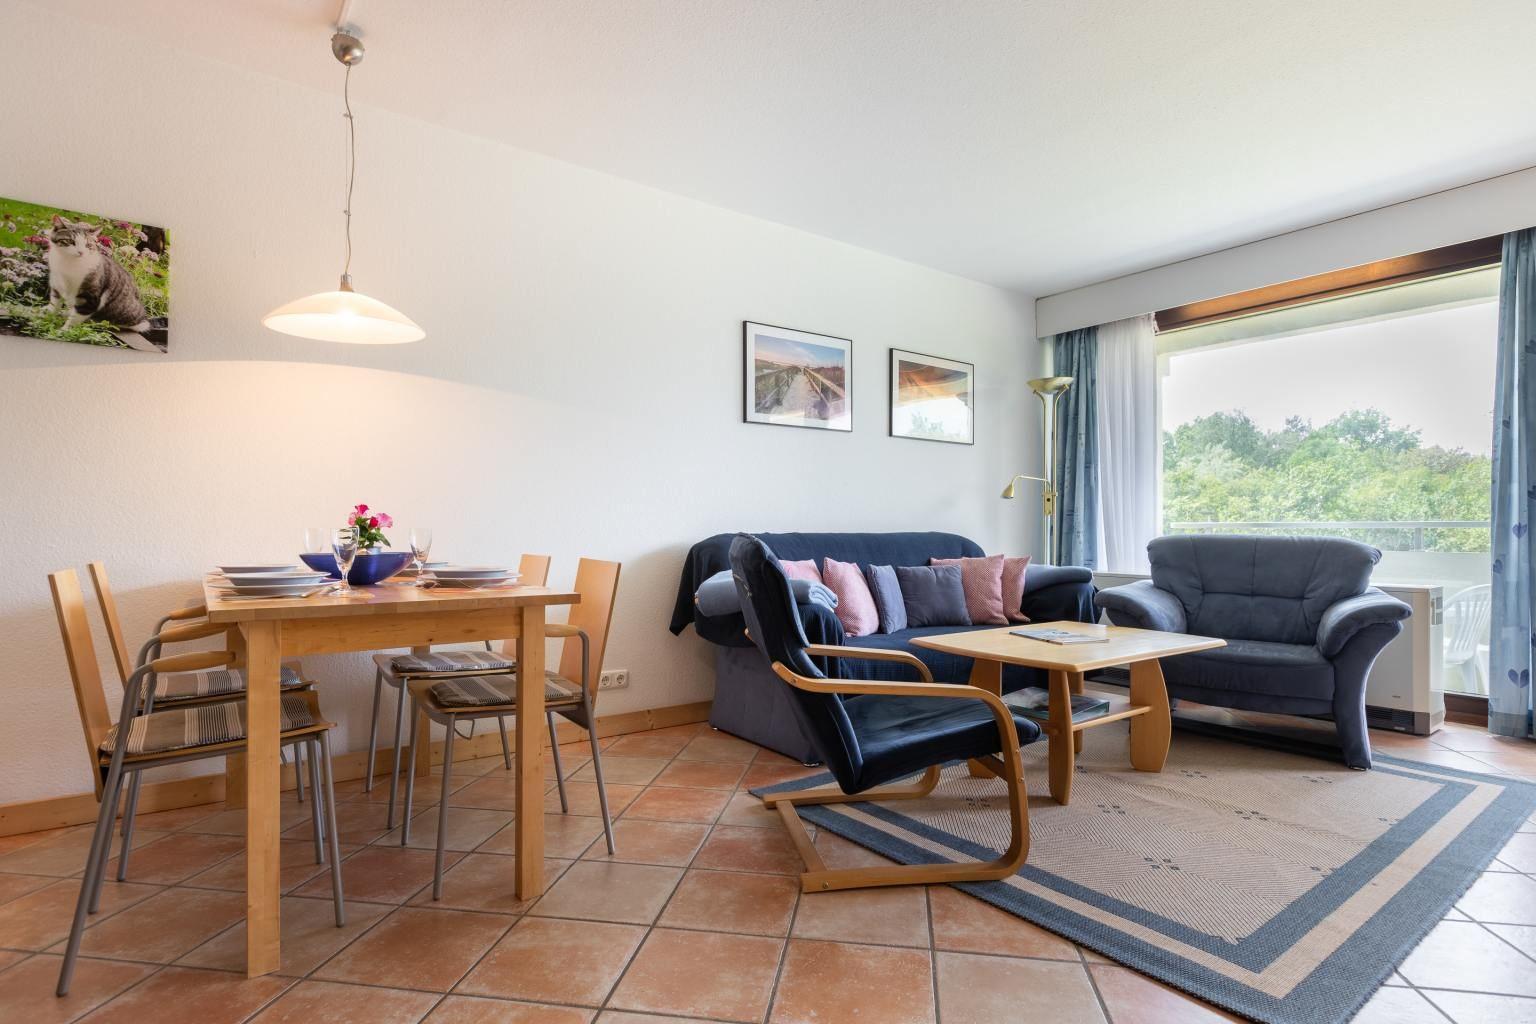 Wohnzimmer, Ferienwohnung 5, St Peter Ording Bad, Haus Atlantic,  Alter Badweg 11-15